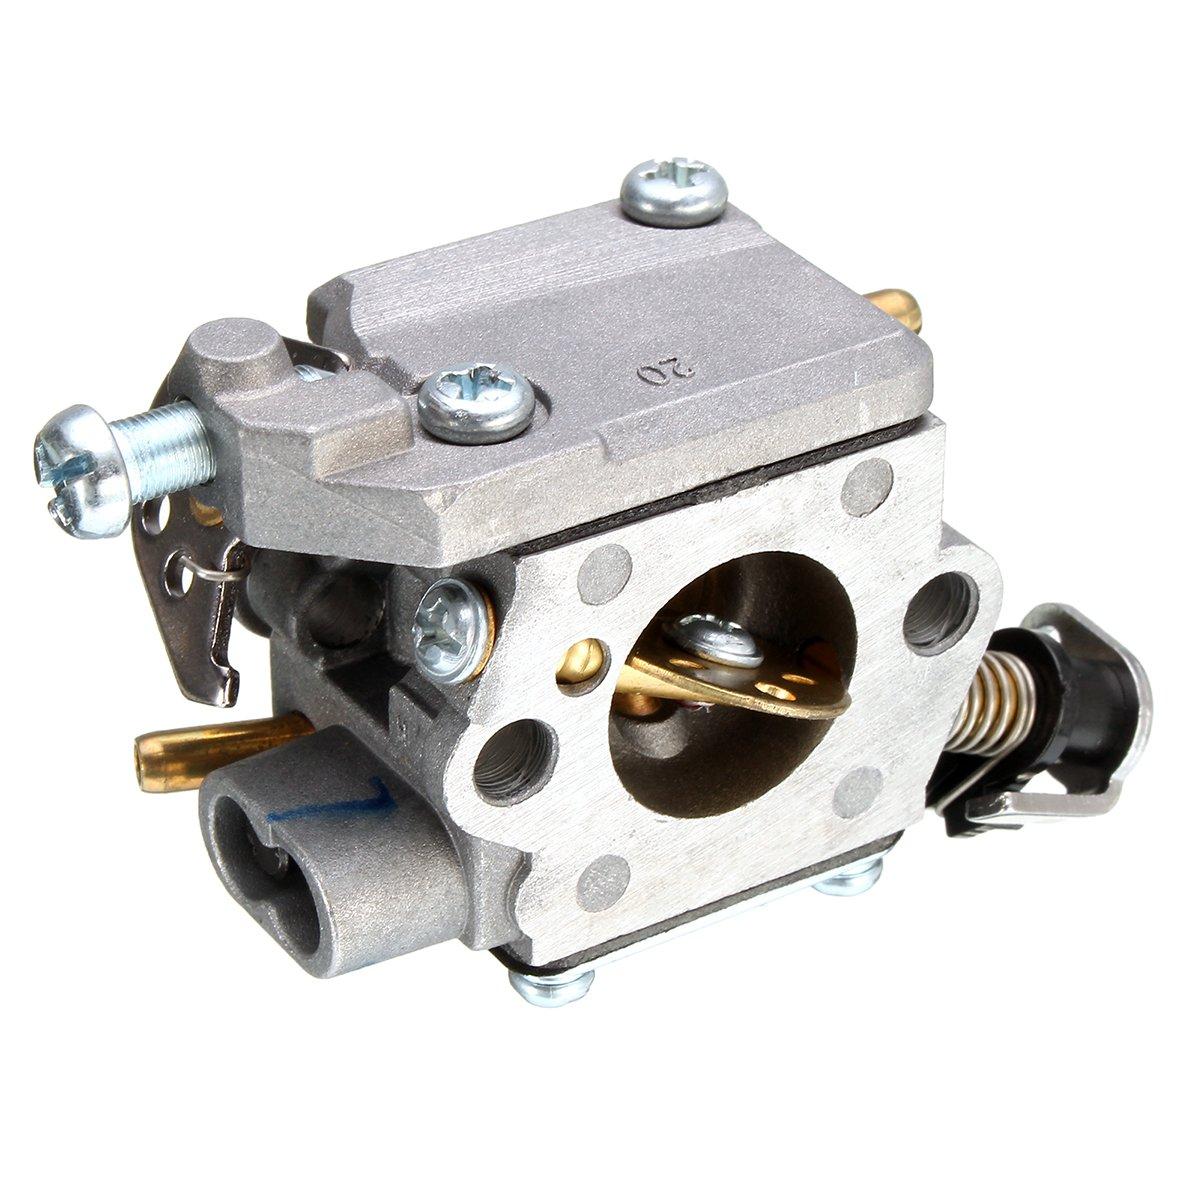 Alamor Reemplazo De Carburador Para Homelite 42Cc 38Cc 35Cc Sierra De Cadena # 309362001 309362003